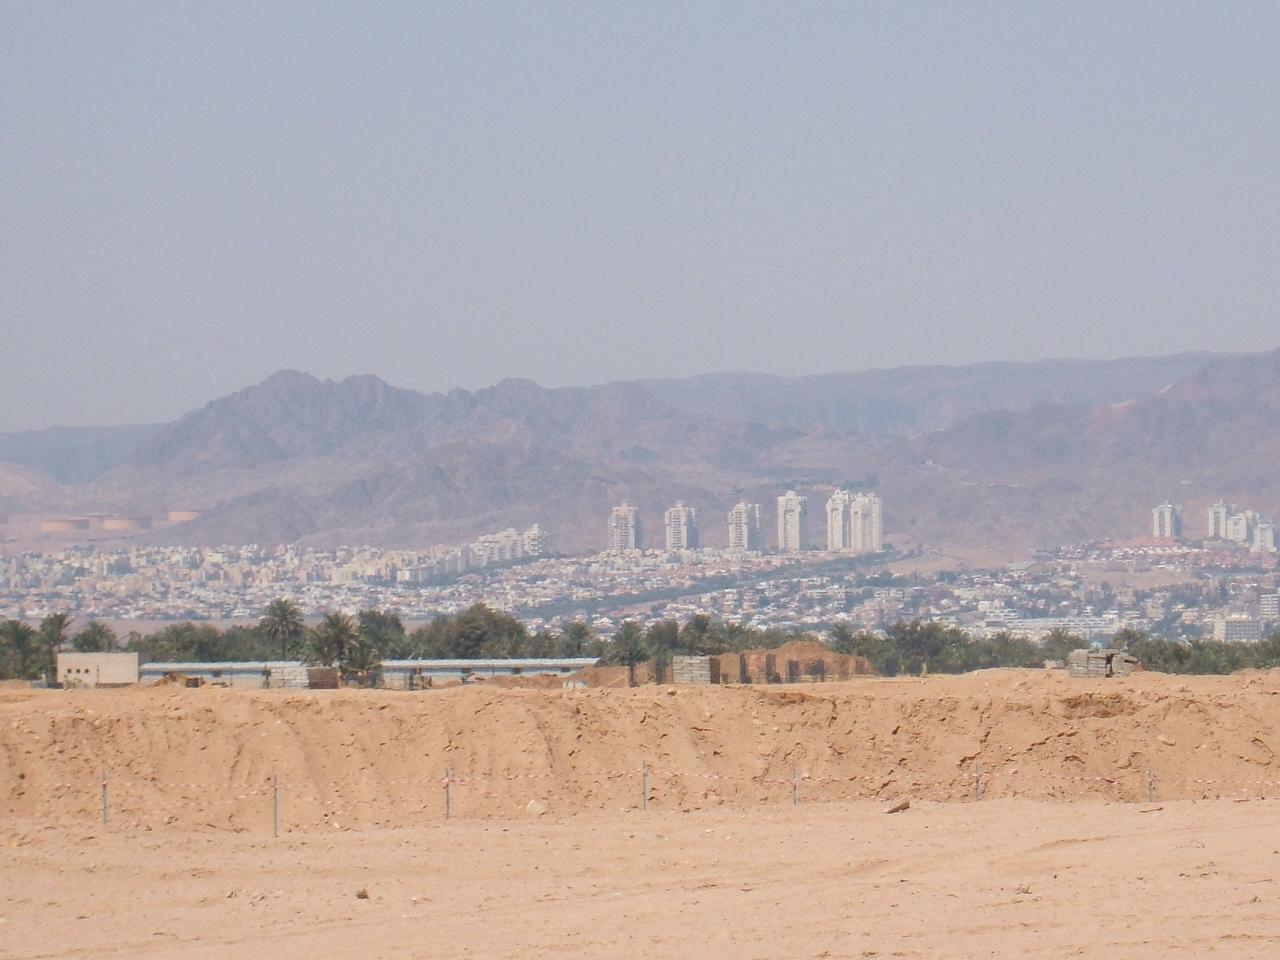 Aqaba and Israel